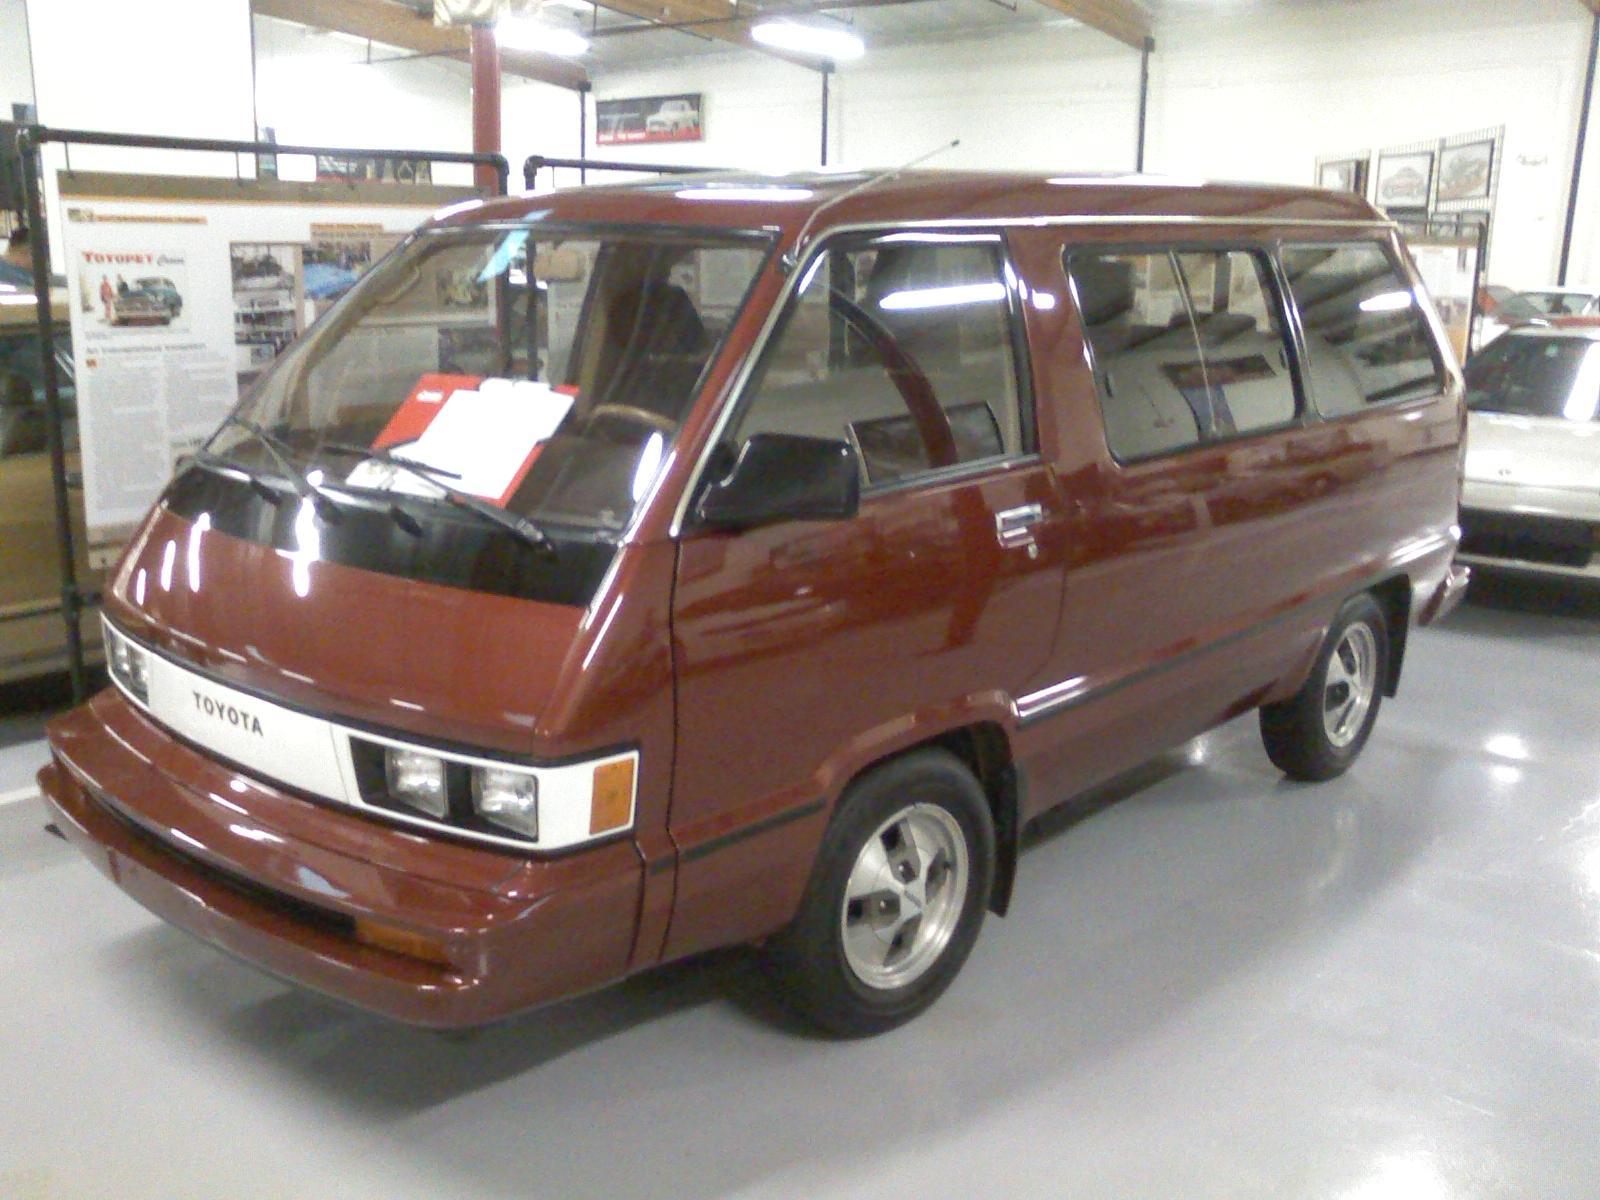 Toyota Vans 1 Widescreen Wallpaper